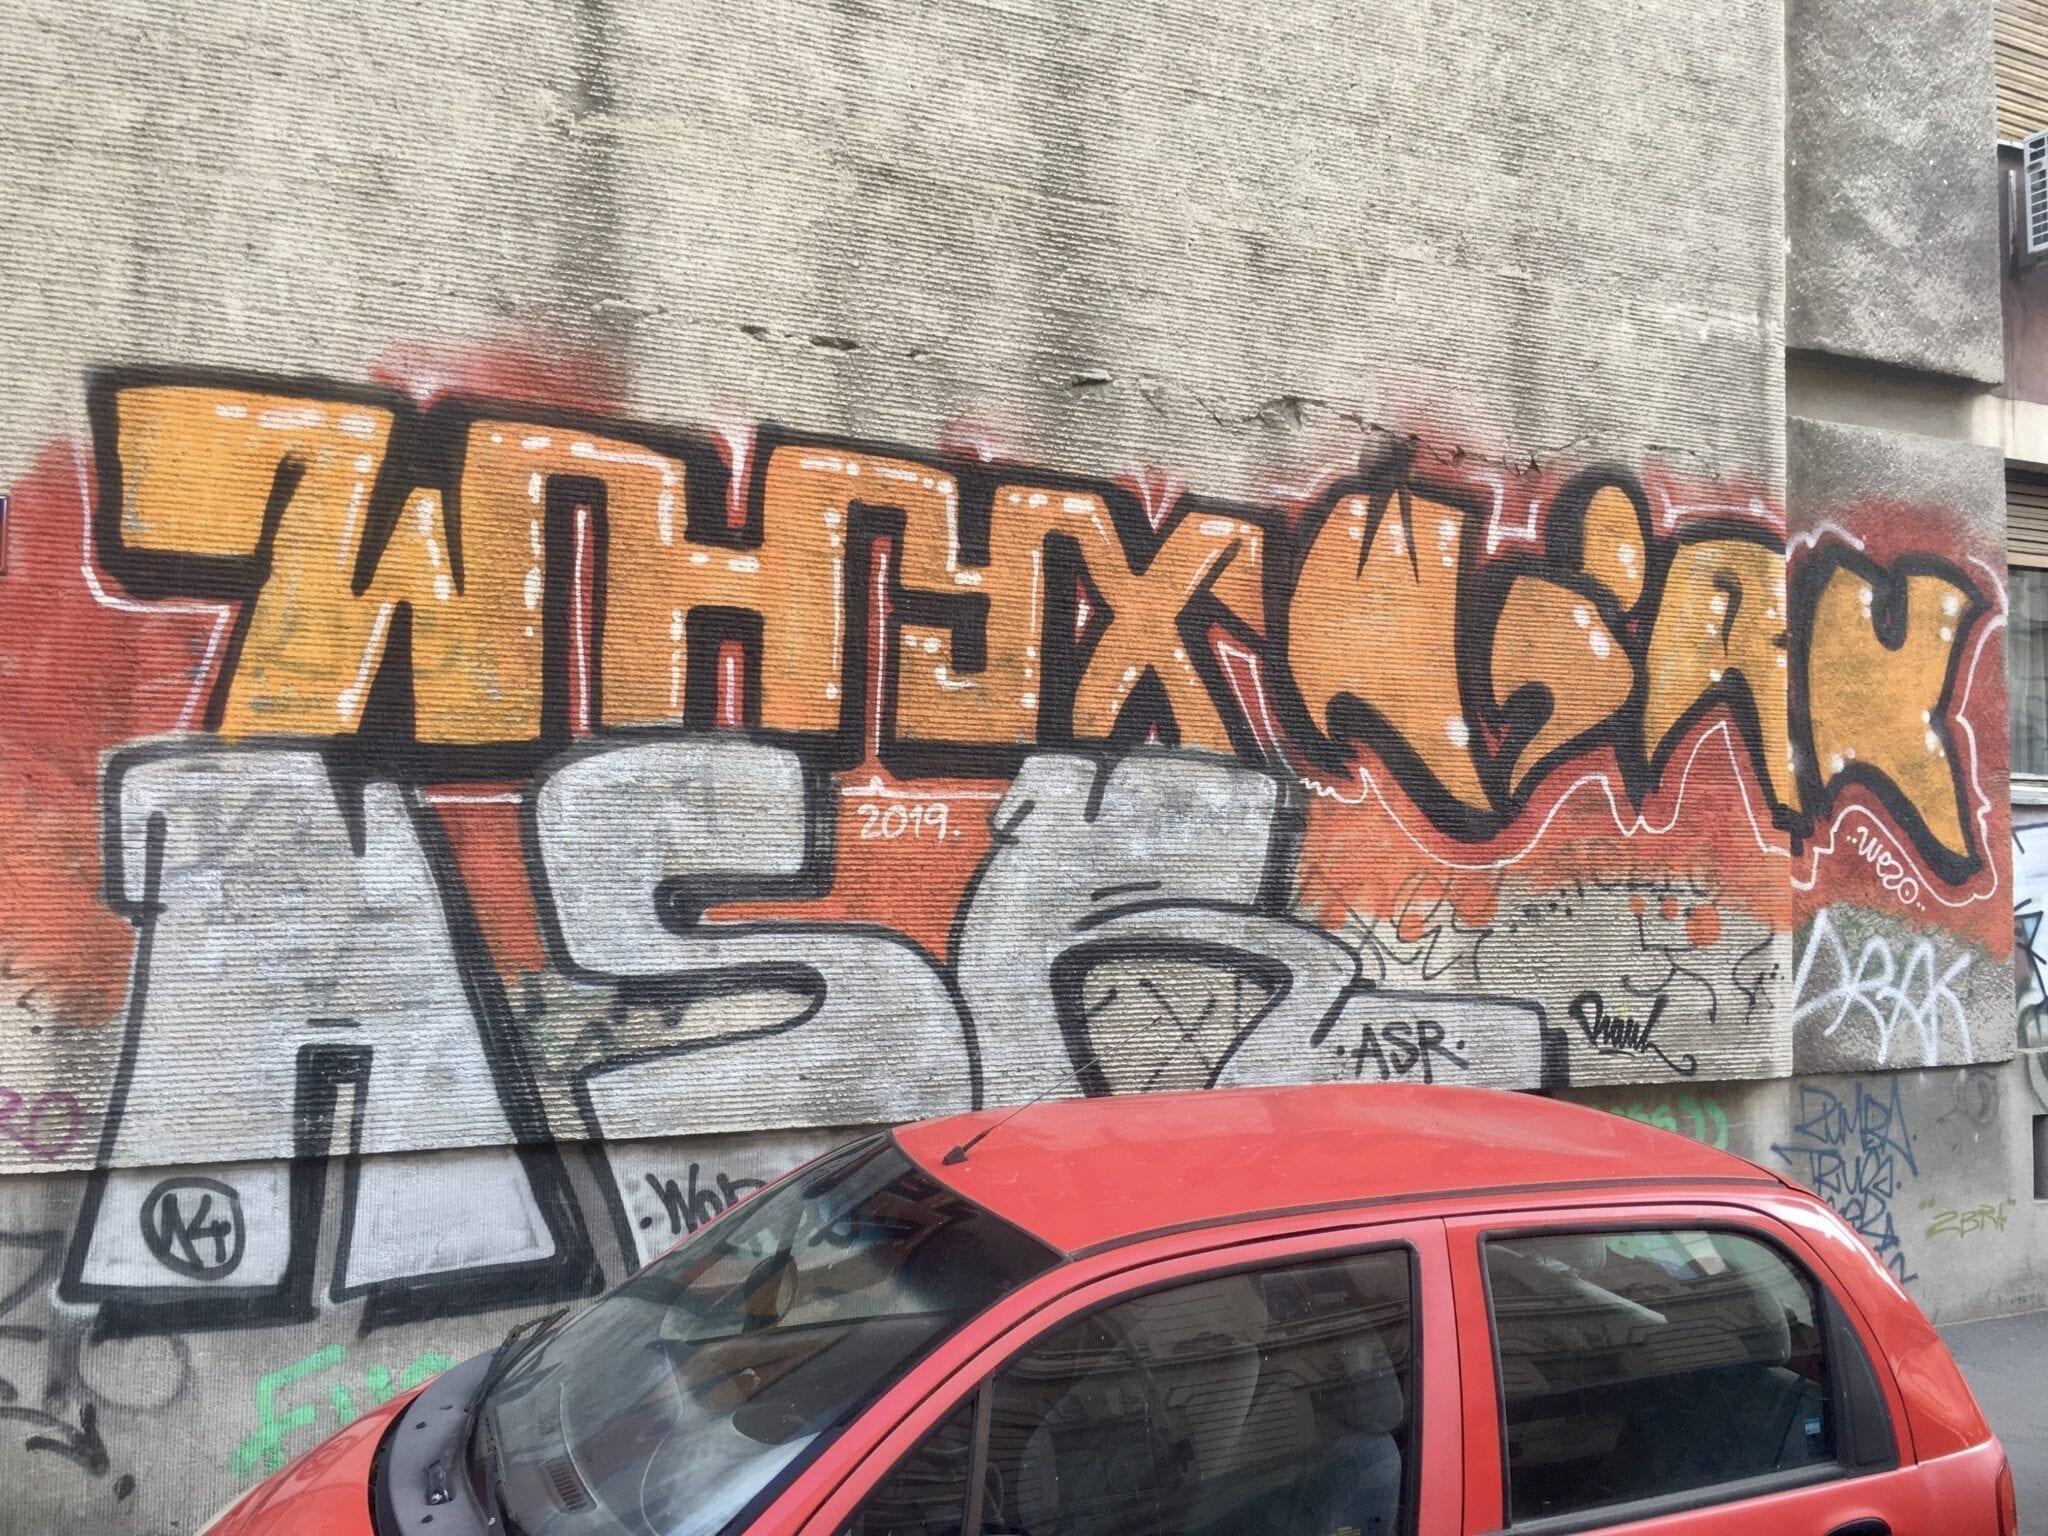 WHYX, WIRK